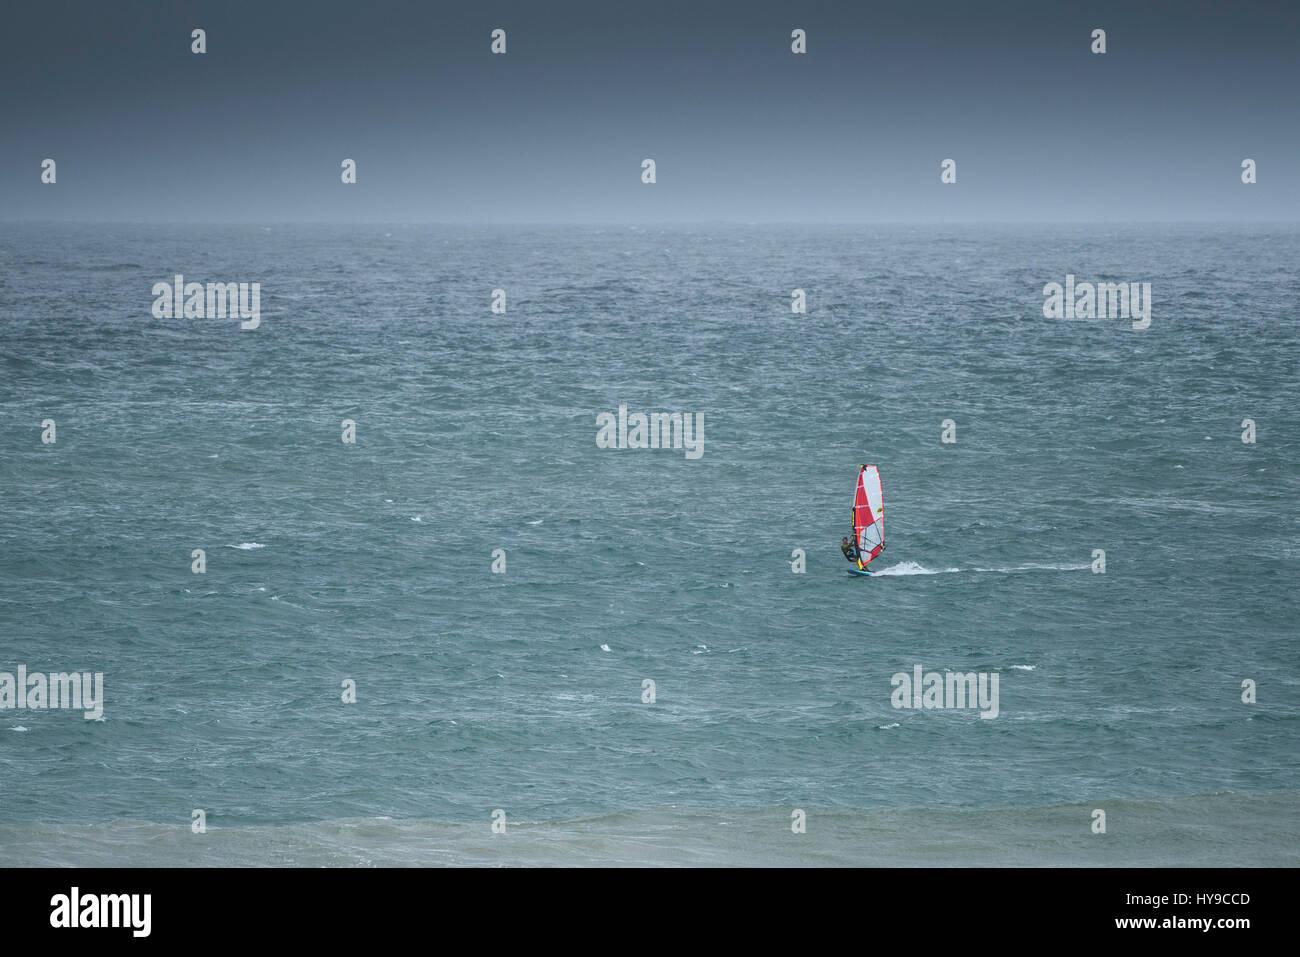 Windsurf sport acquatici di mare le attività per il tempo libero Hobby sport estremo; Oceano equilibrio di Immagini Stock